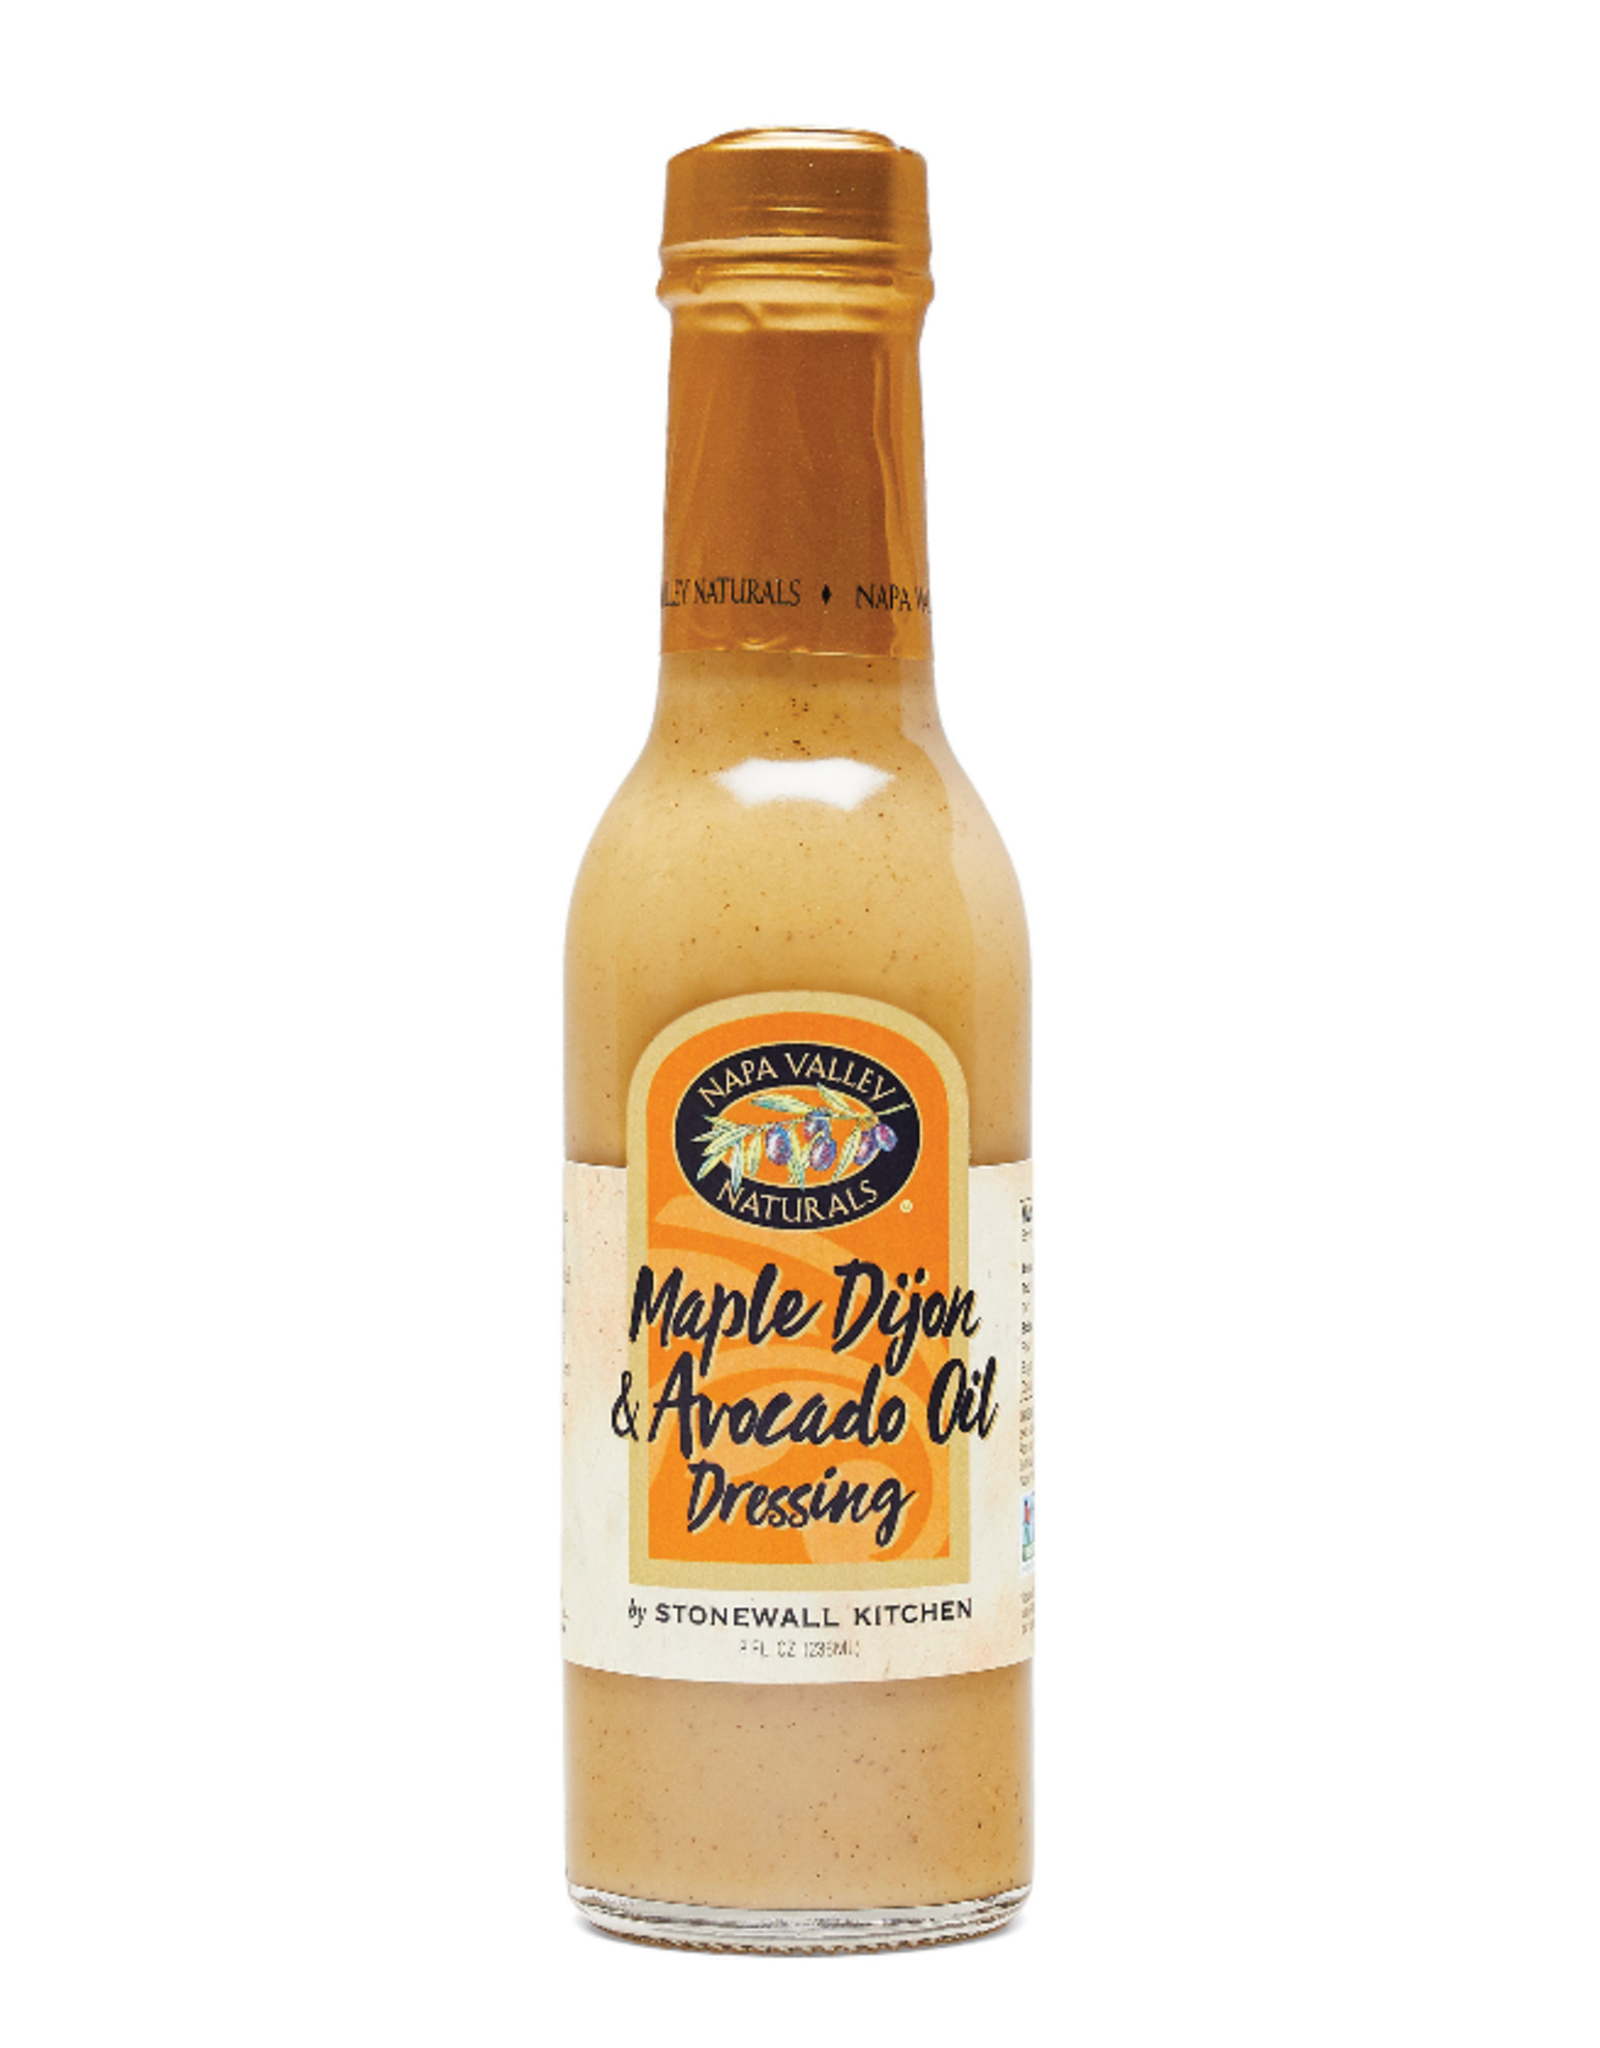 Stonewall Kitchen Maple Dijon & Avocado Oil Dressing